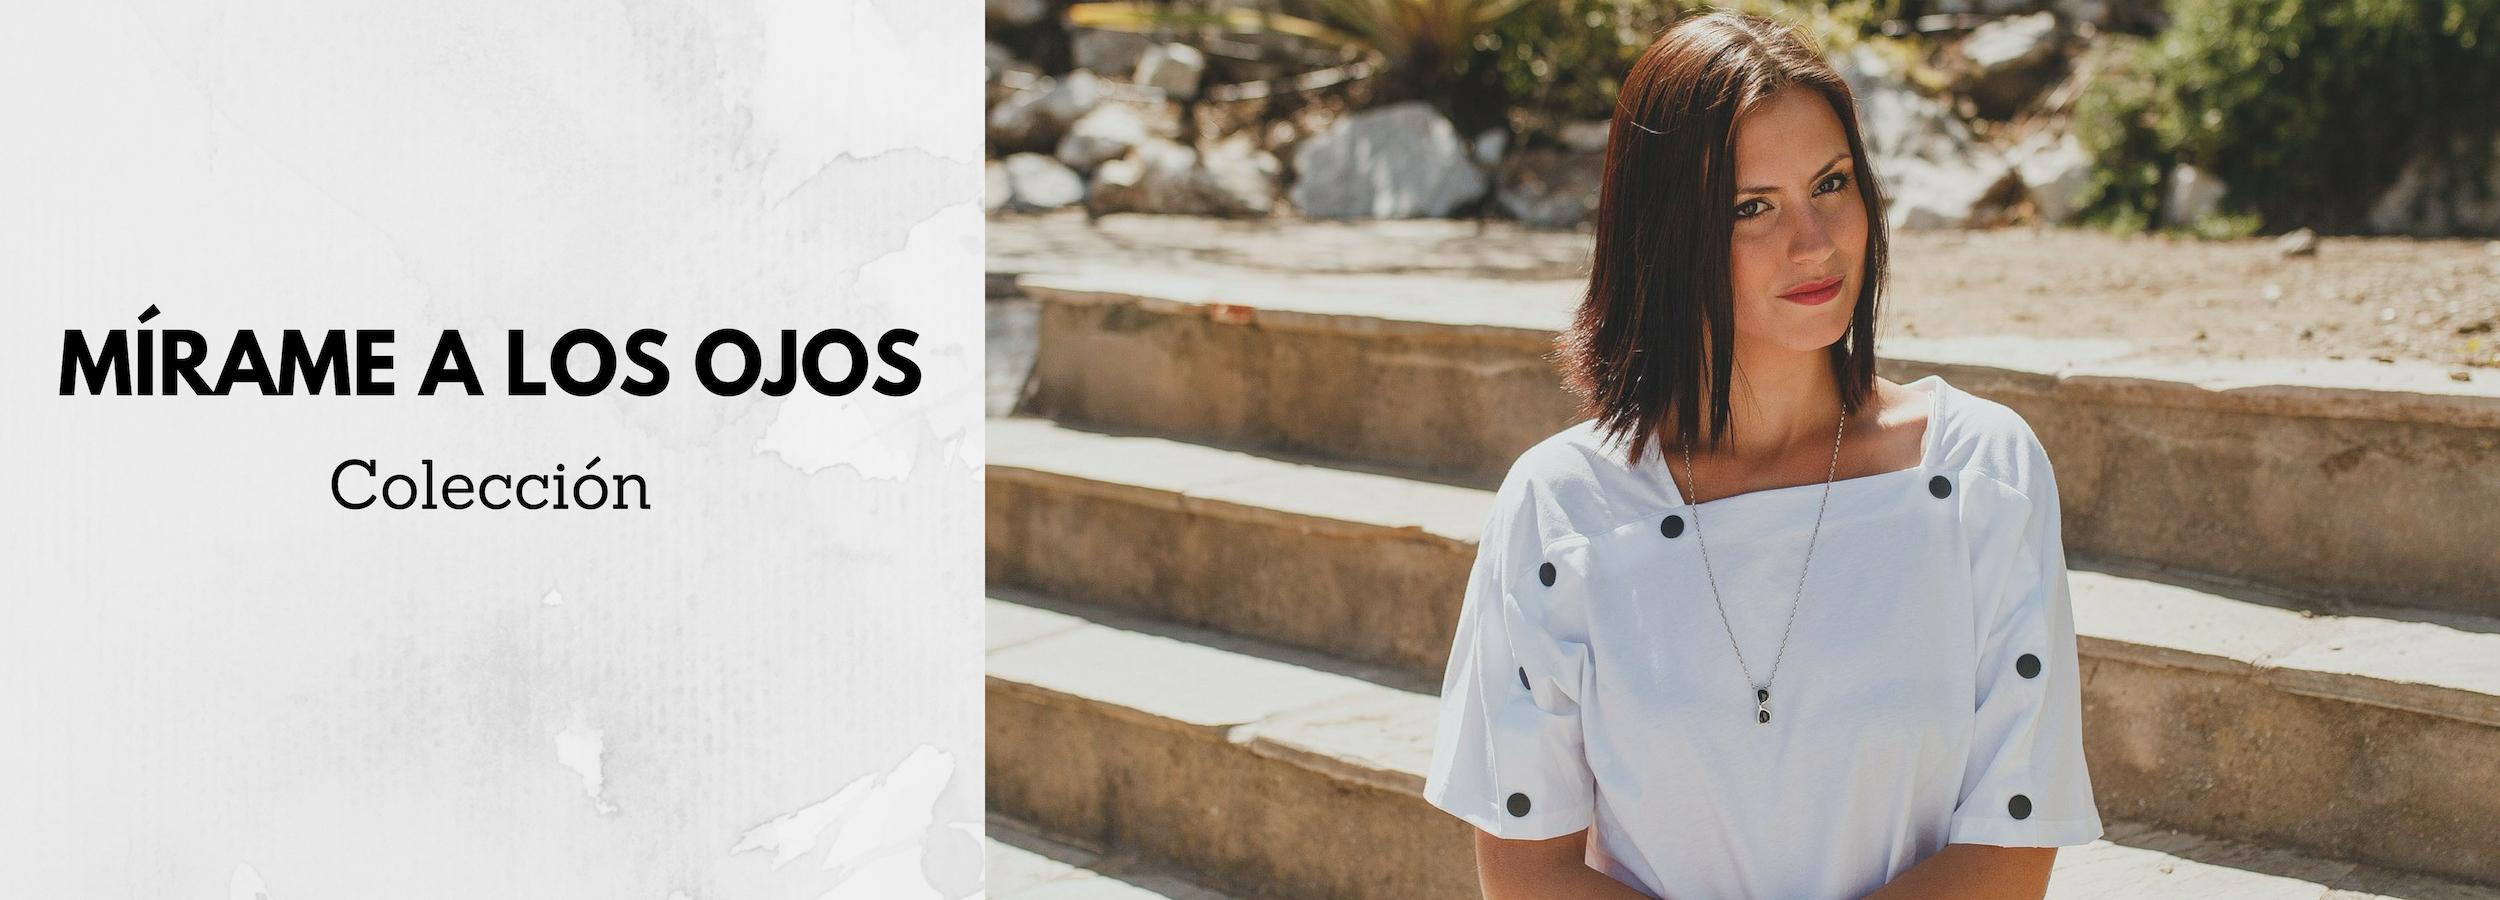 Tienda Online-Colección-Mírame a los Ojos-NEHCAA